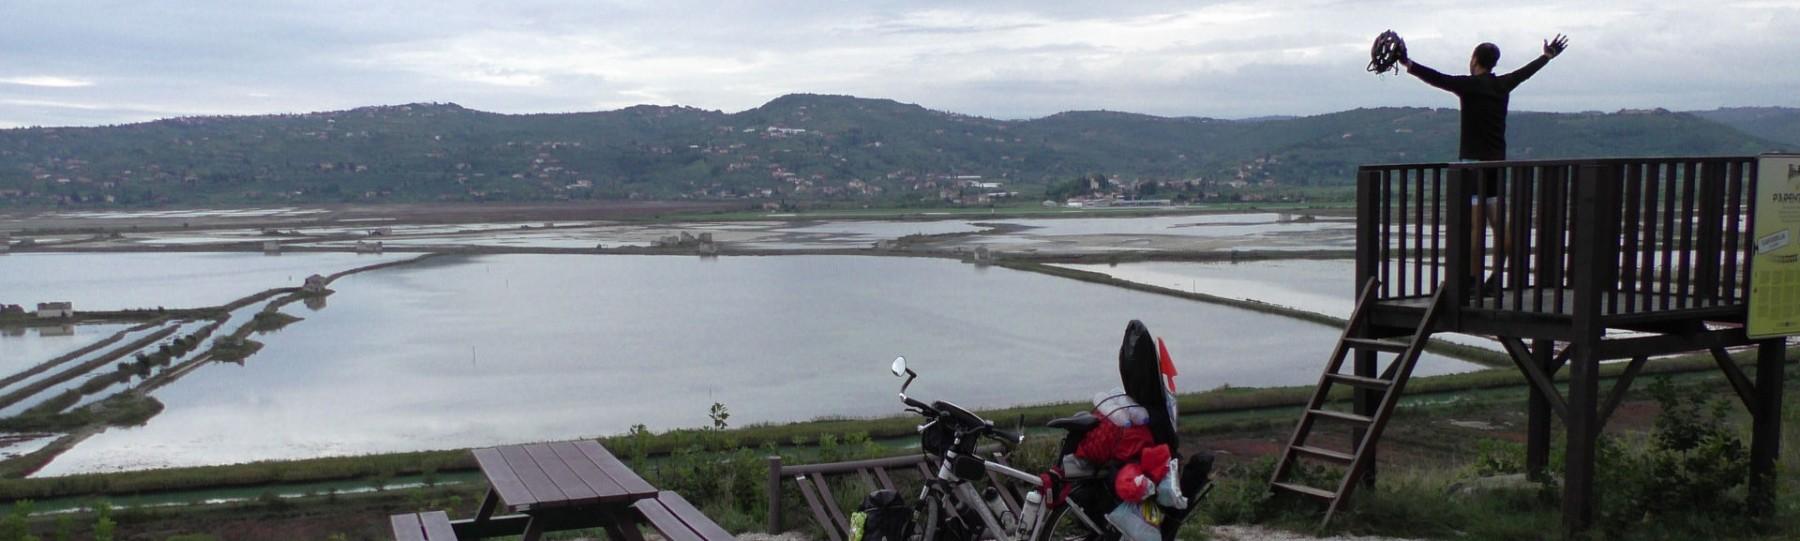 Pista Parenzana en Croacia